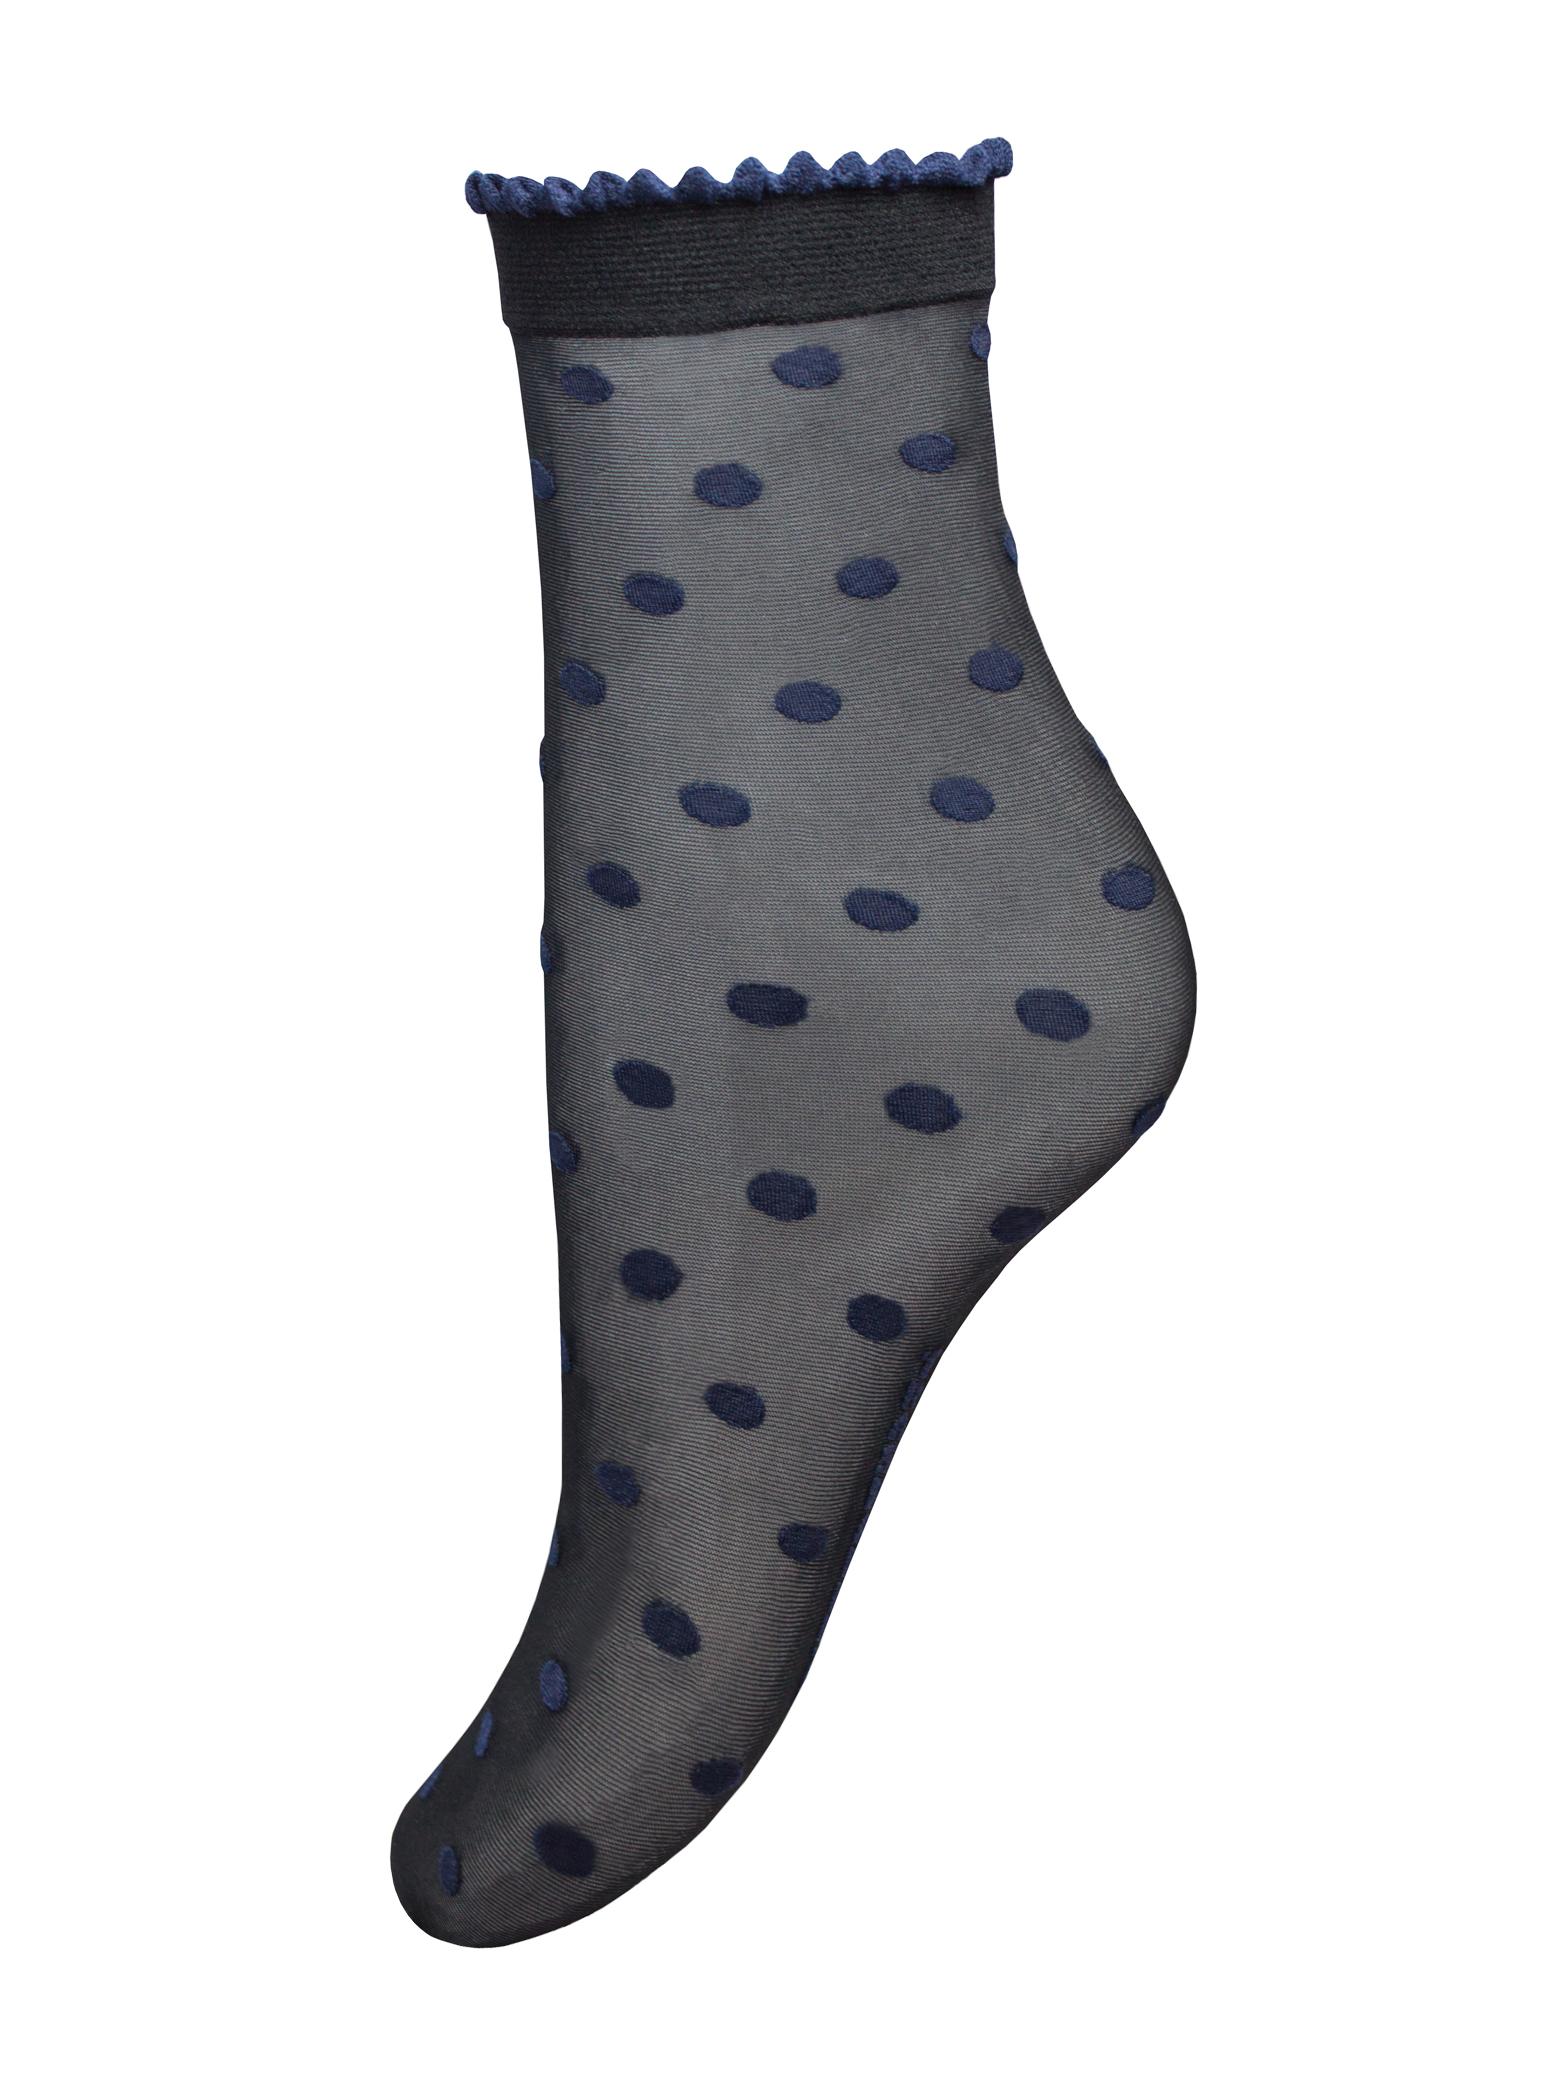 Капроновые носки женские Trasparenze Paul (c) UNI nero B (чёрные с рисунком)